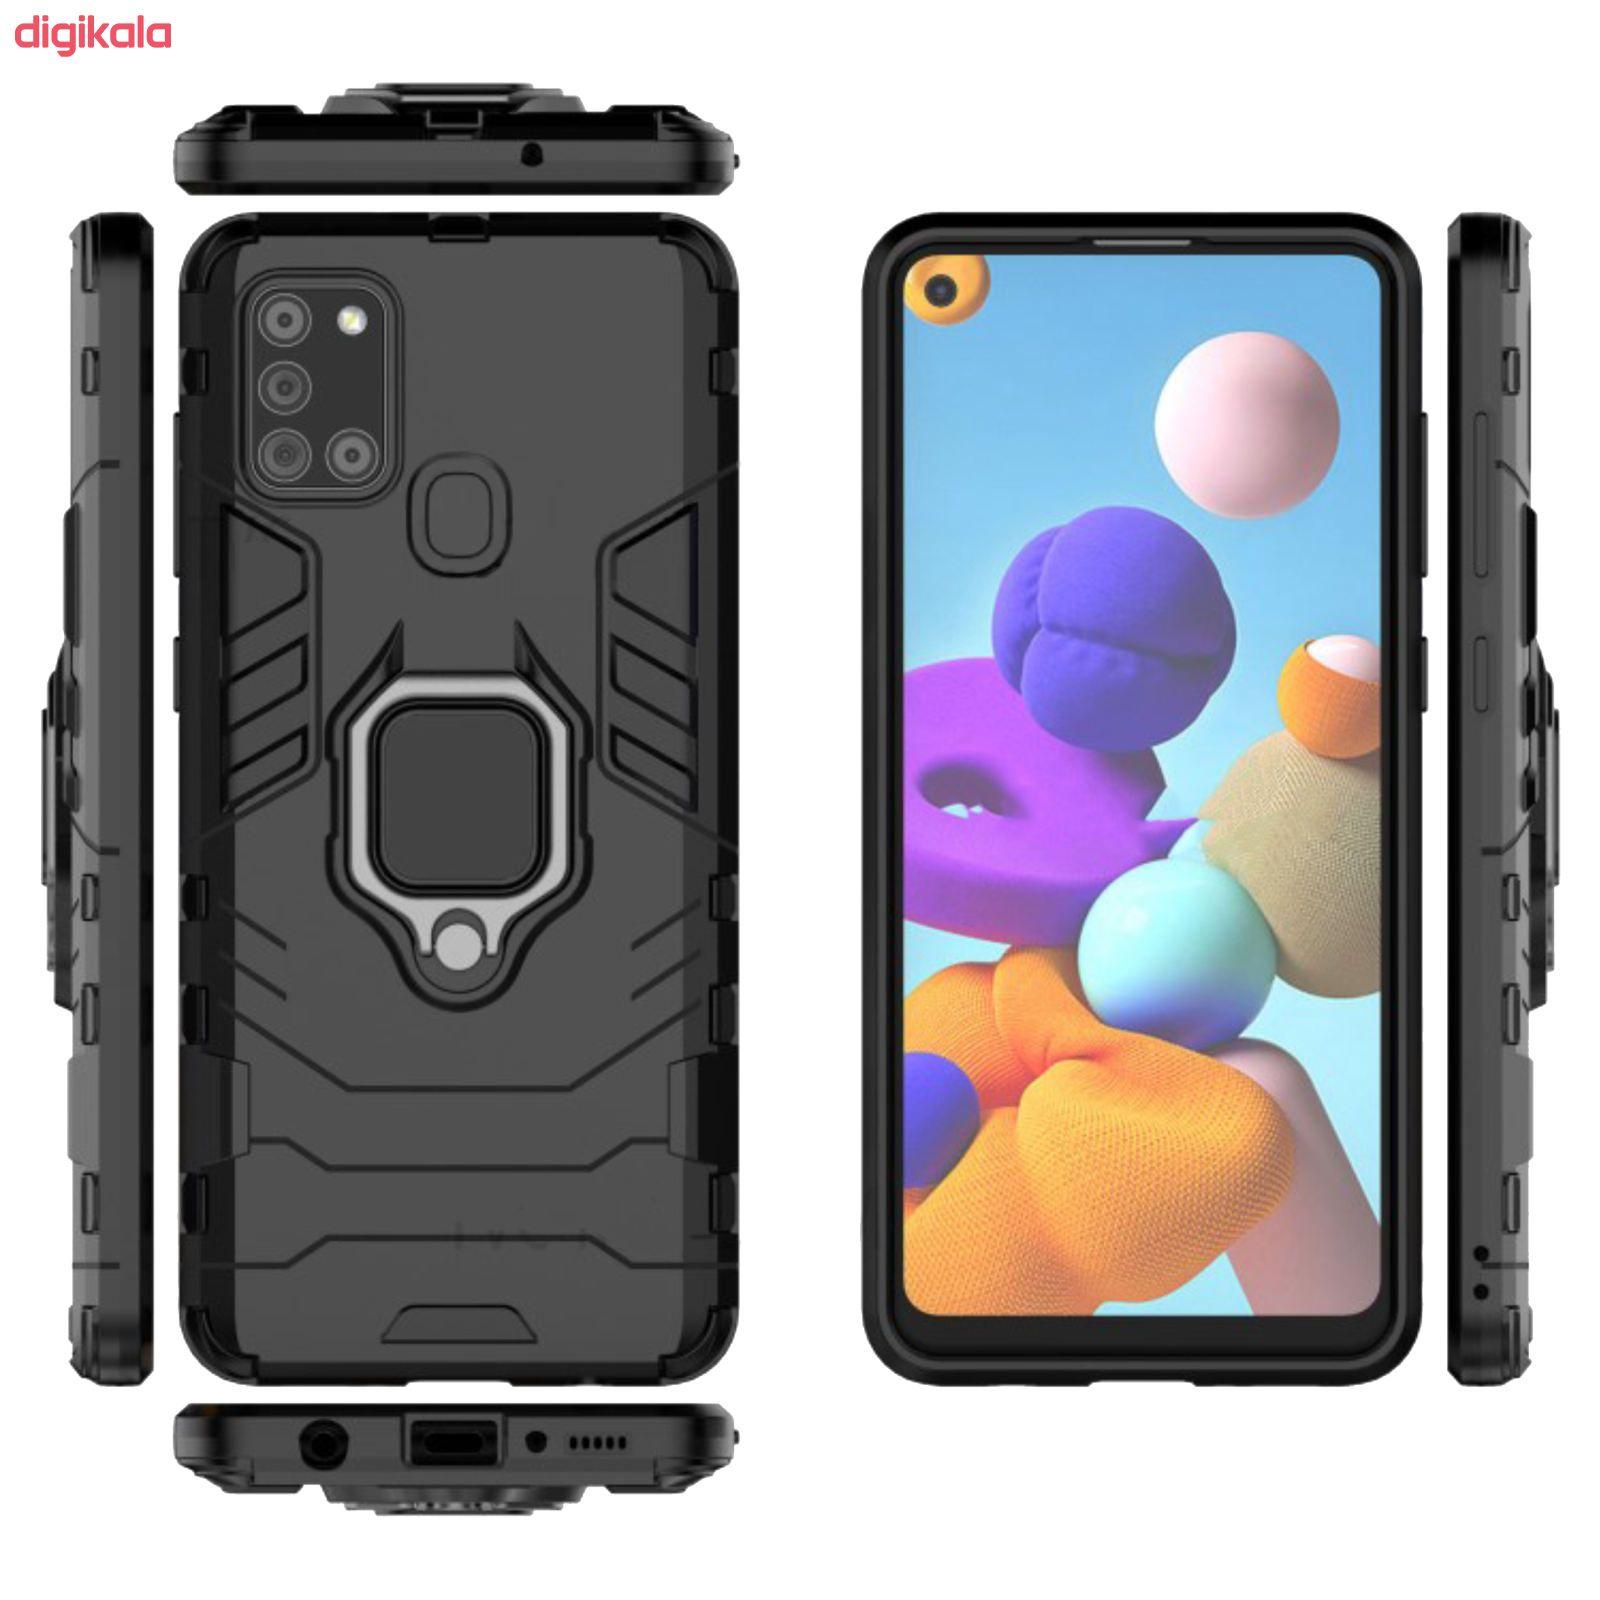 کاور مدل DEF02 مناسب برای گوشی موبایل سامسونگ Galaxy A21s main 1 1